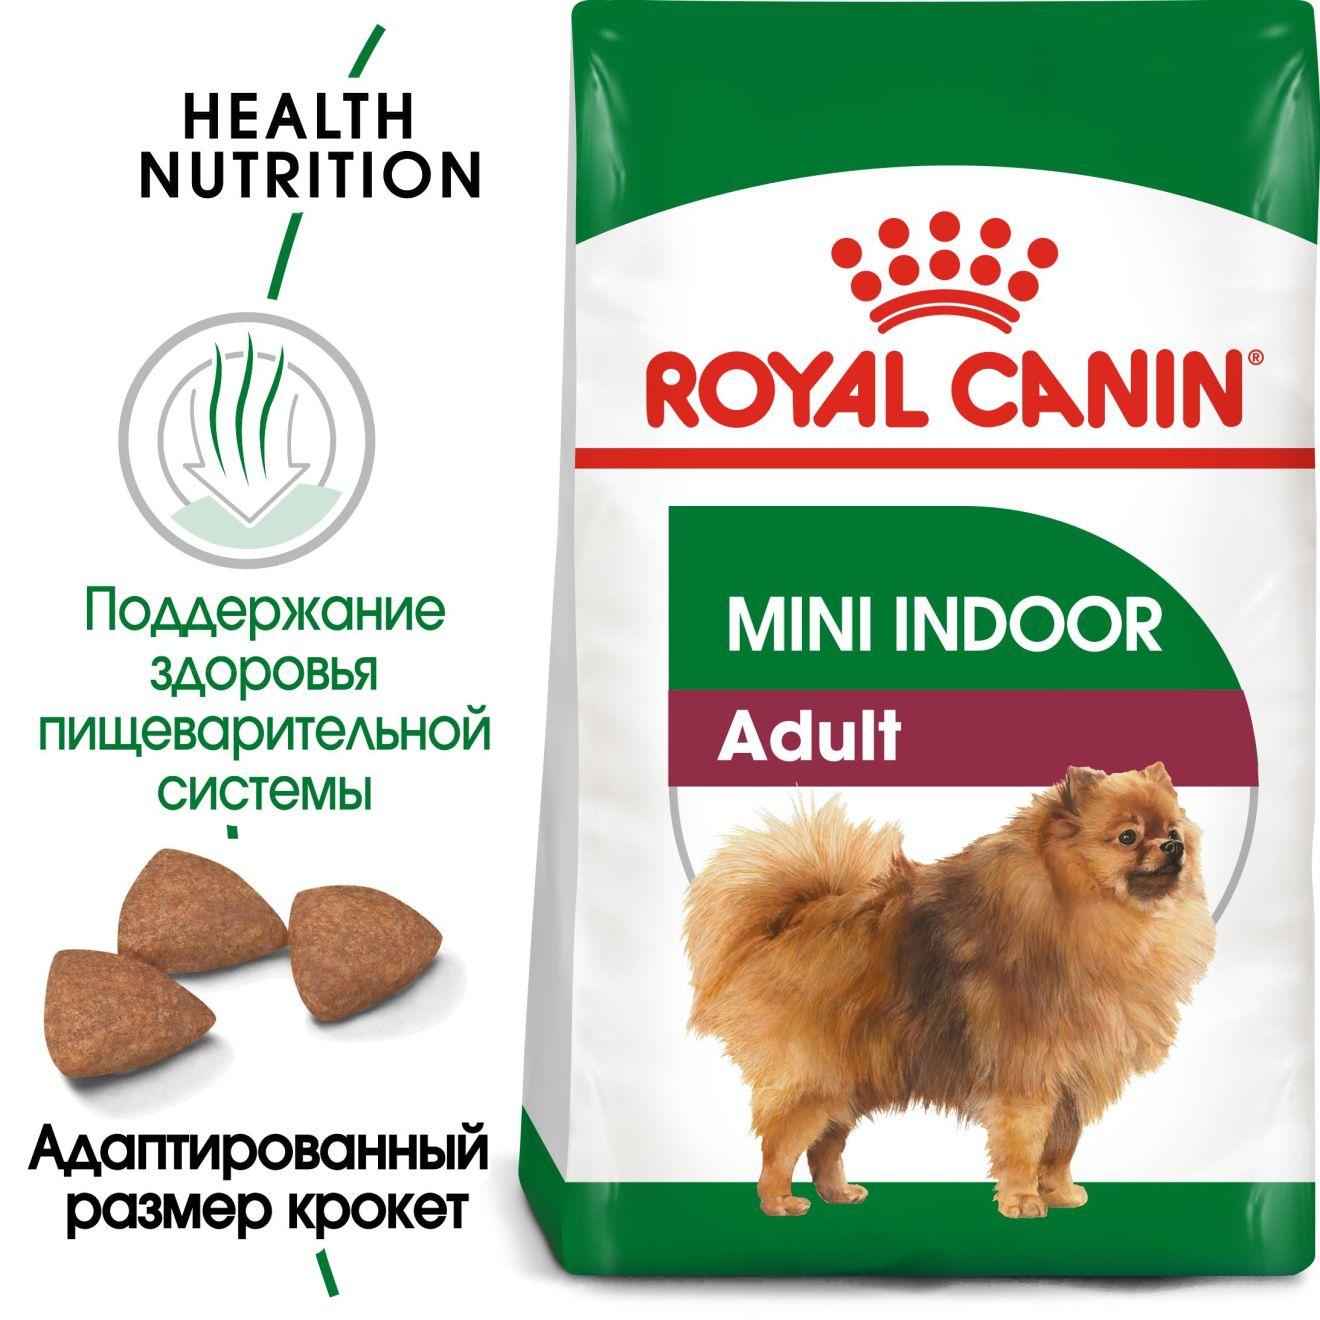 Mini Indoor Adult